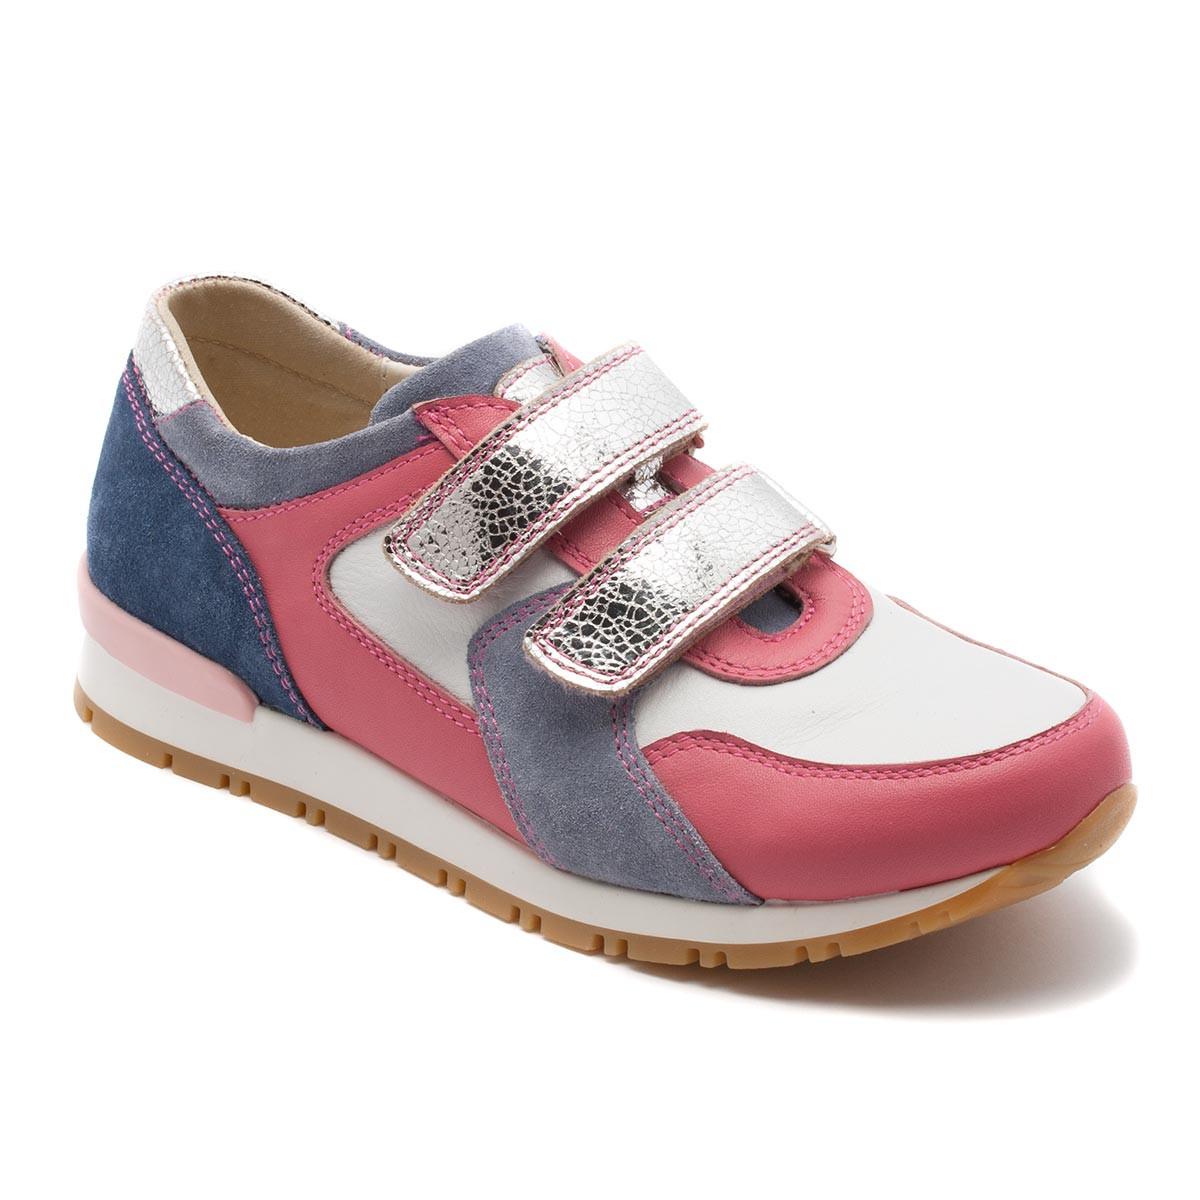 eaaa3bae Кожаные кроссовки FS Сollection для девочки, размер 32-35 ...